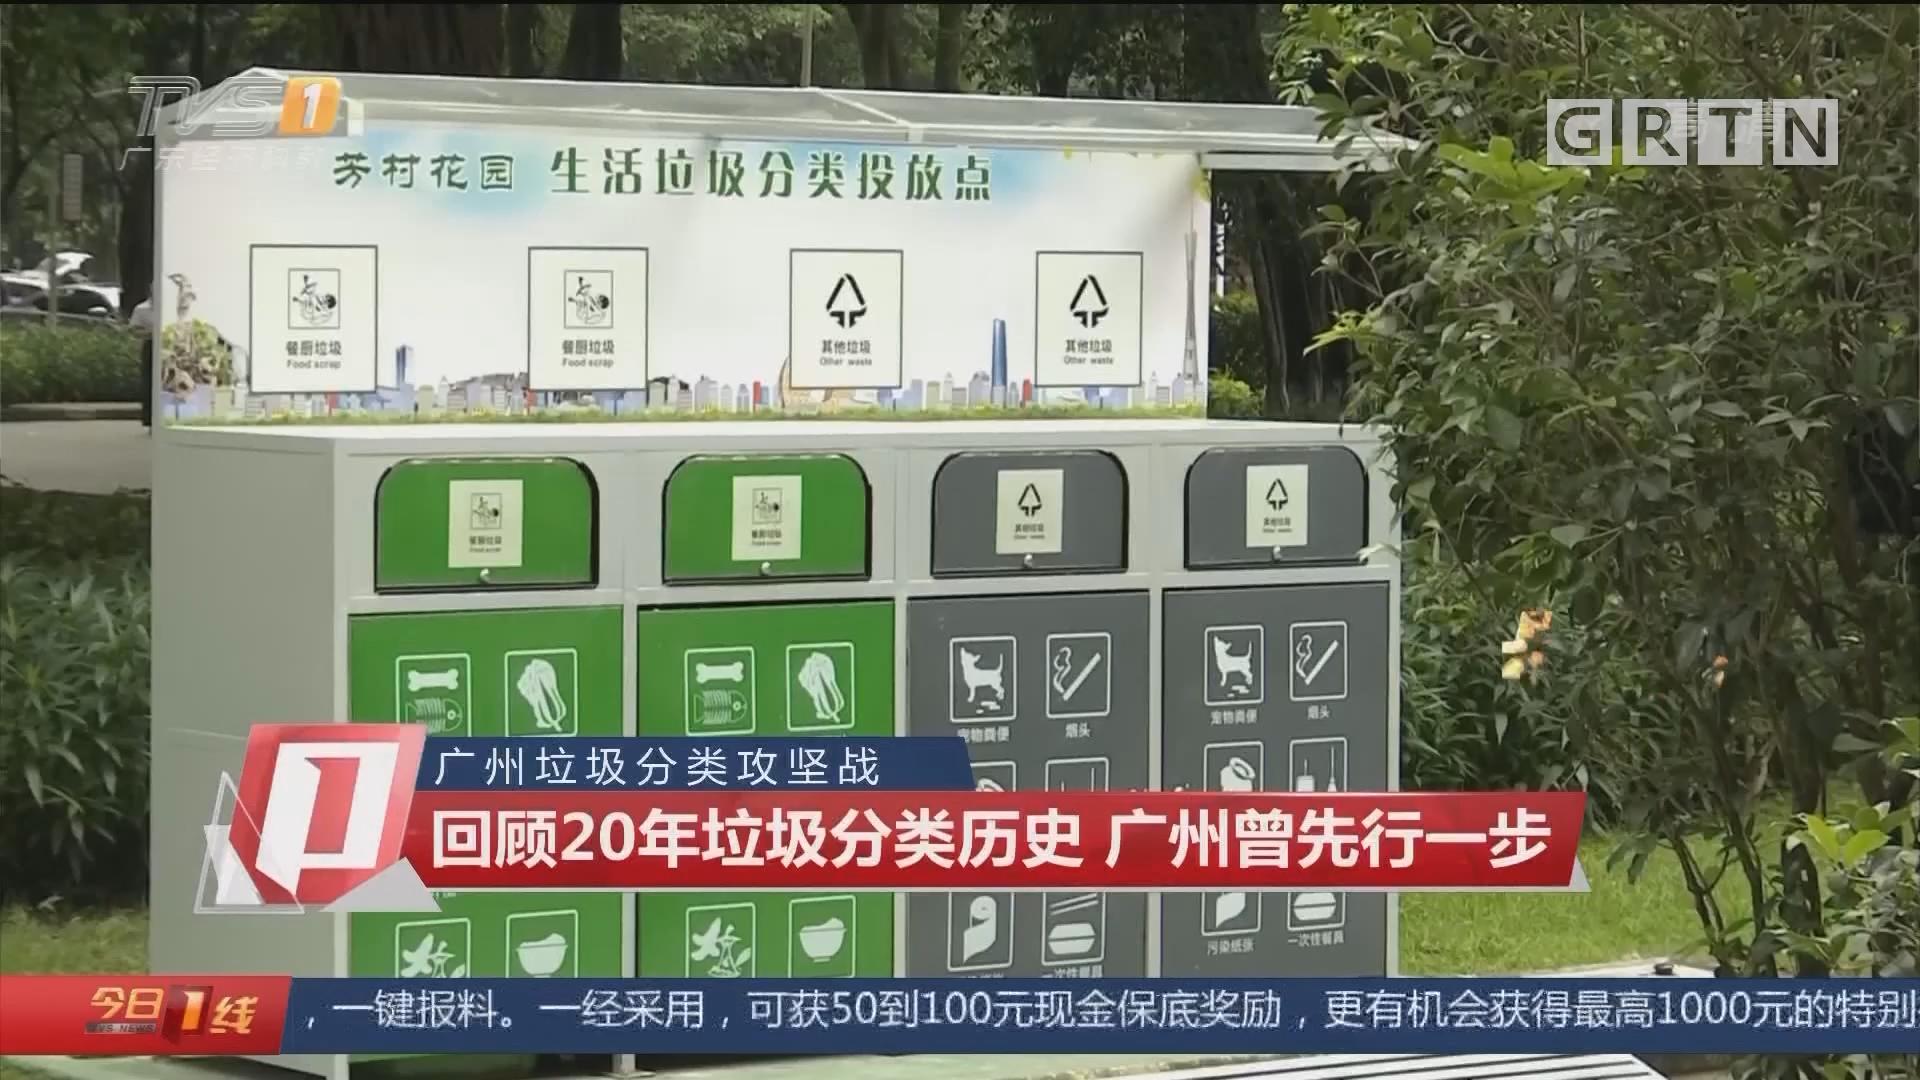 广州垃圾分类攻坚战:回顾20年垃圾分类历史 广州曾先行一步